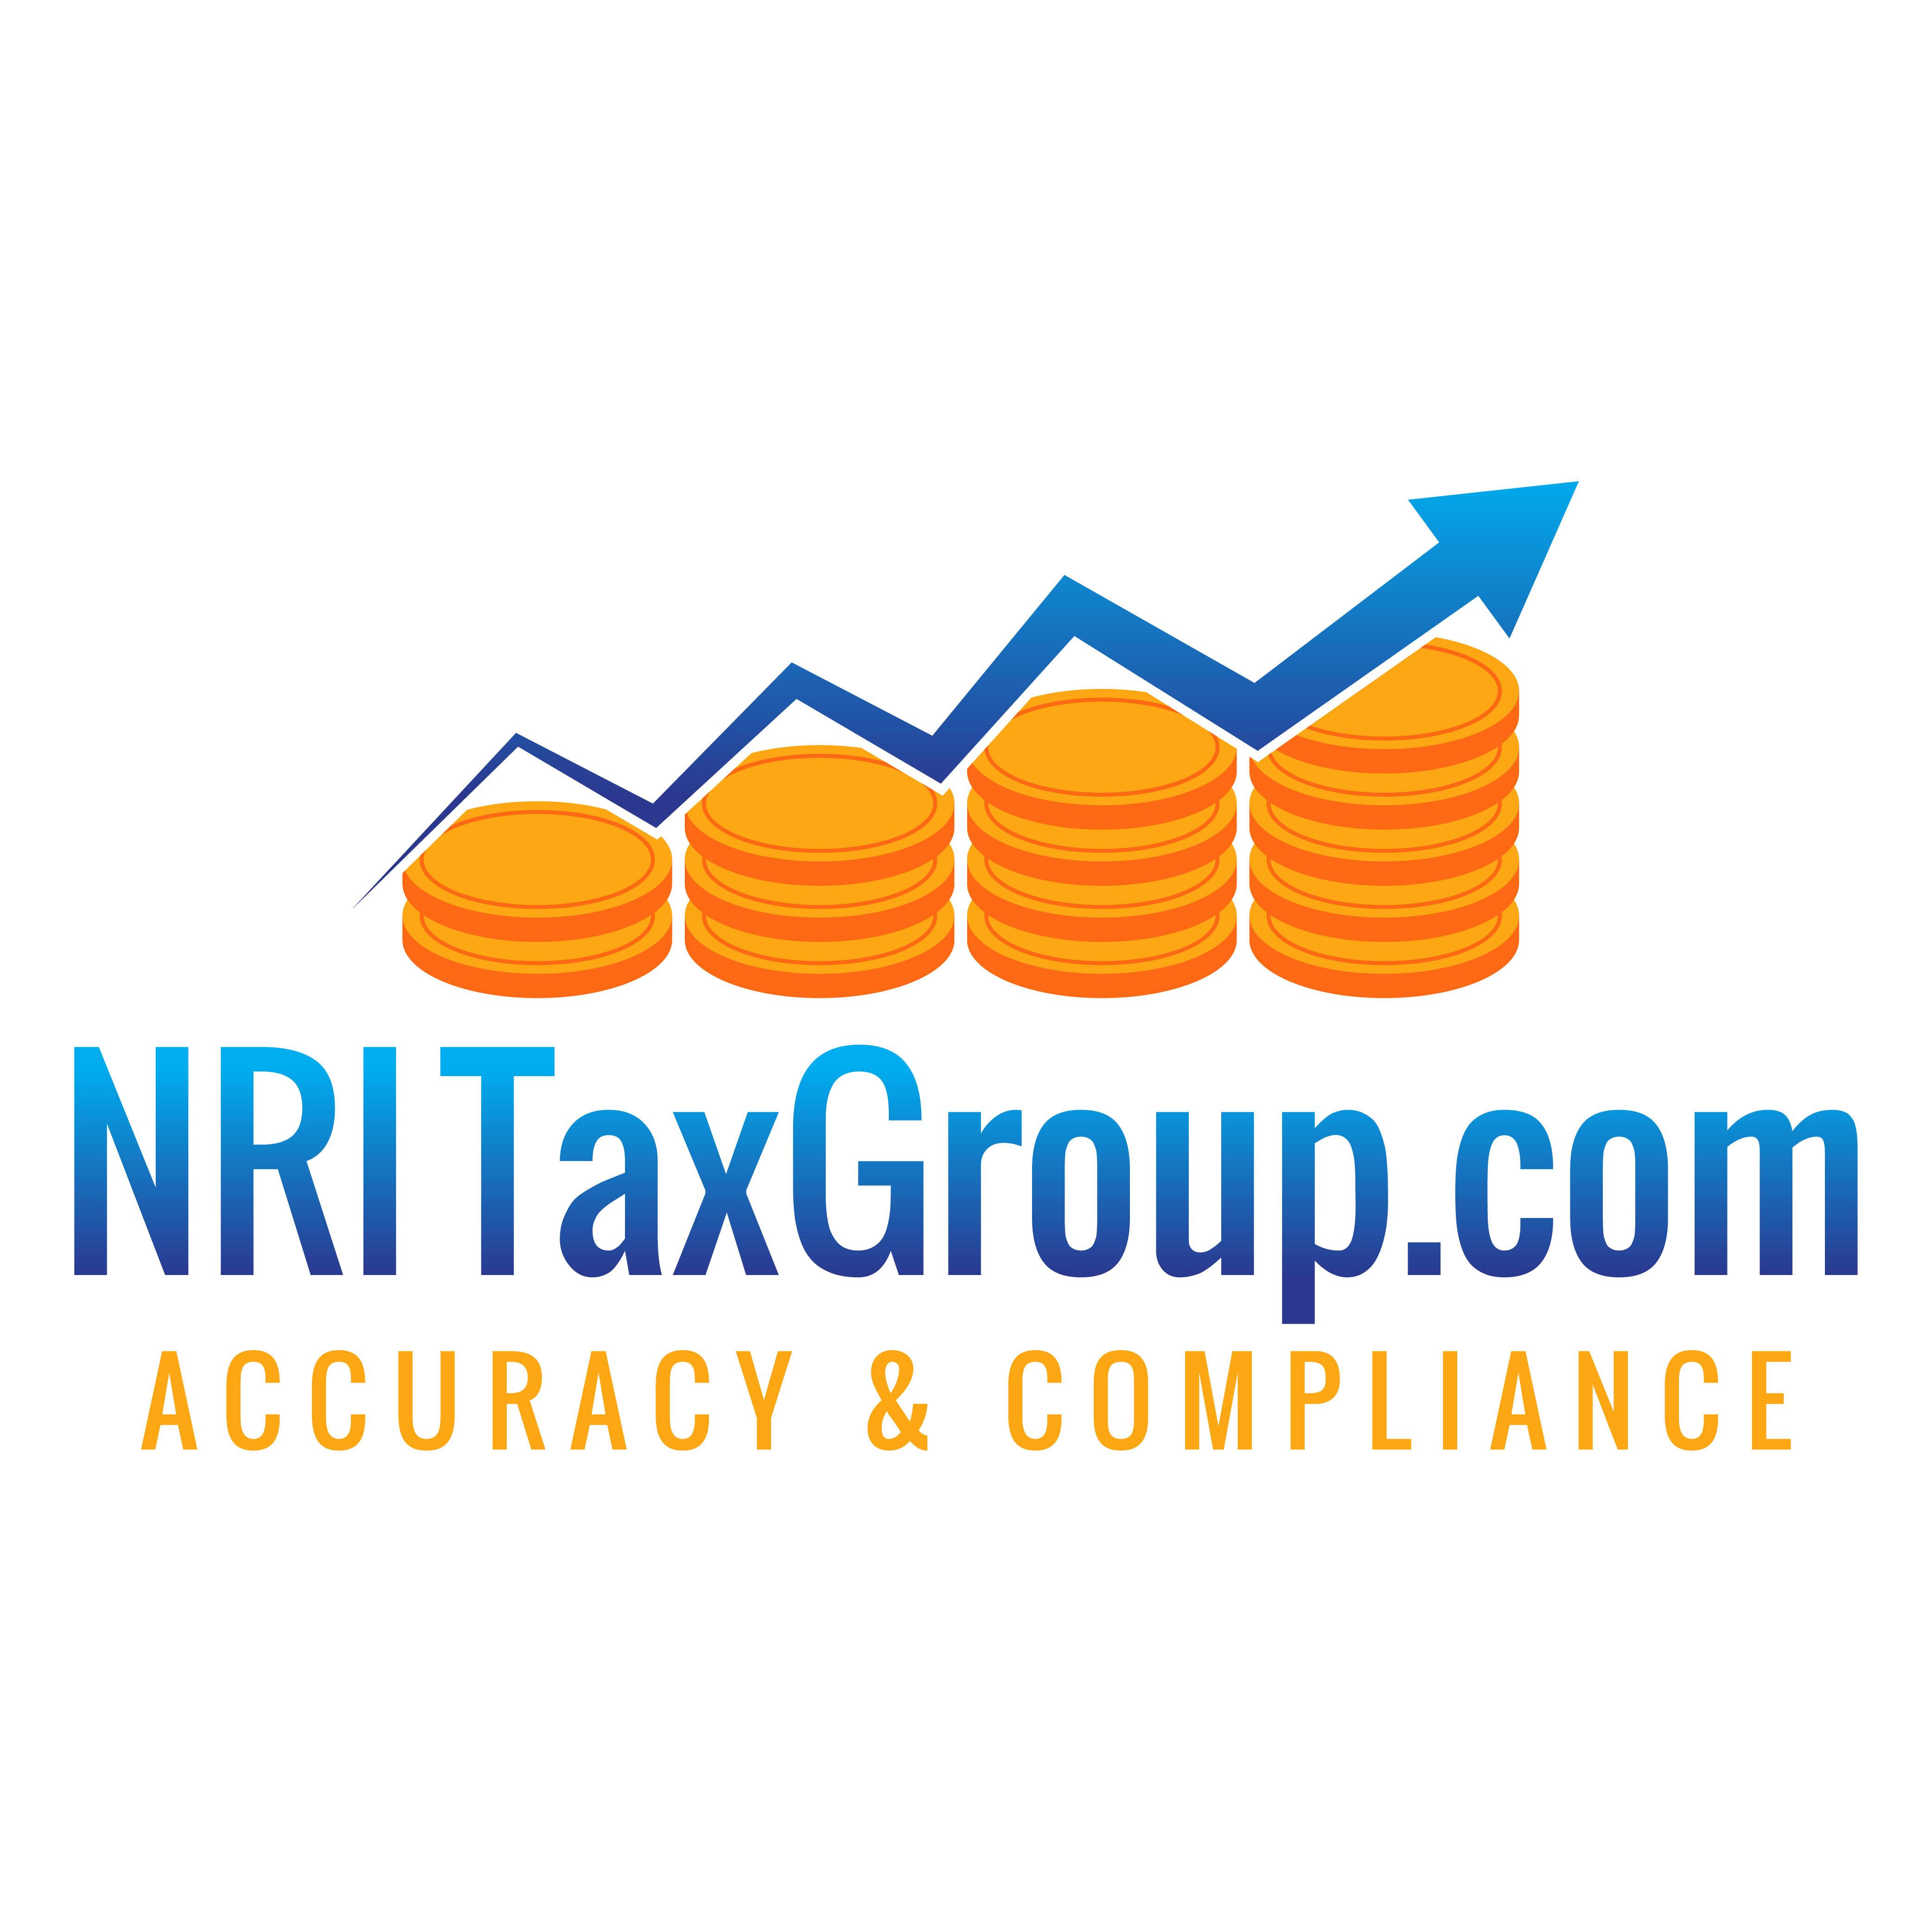 NRI Tax Group